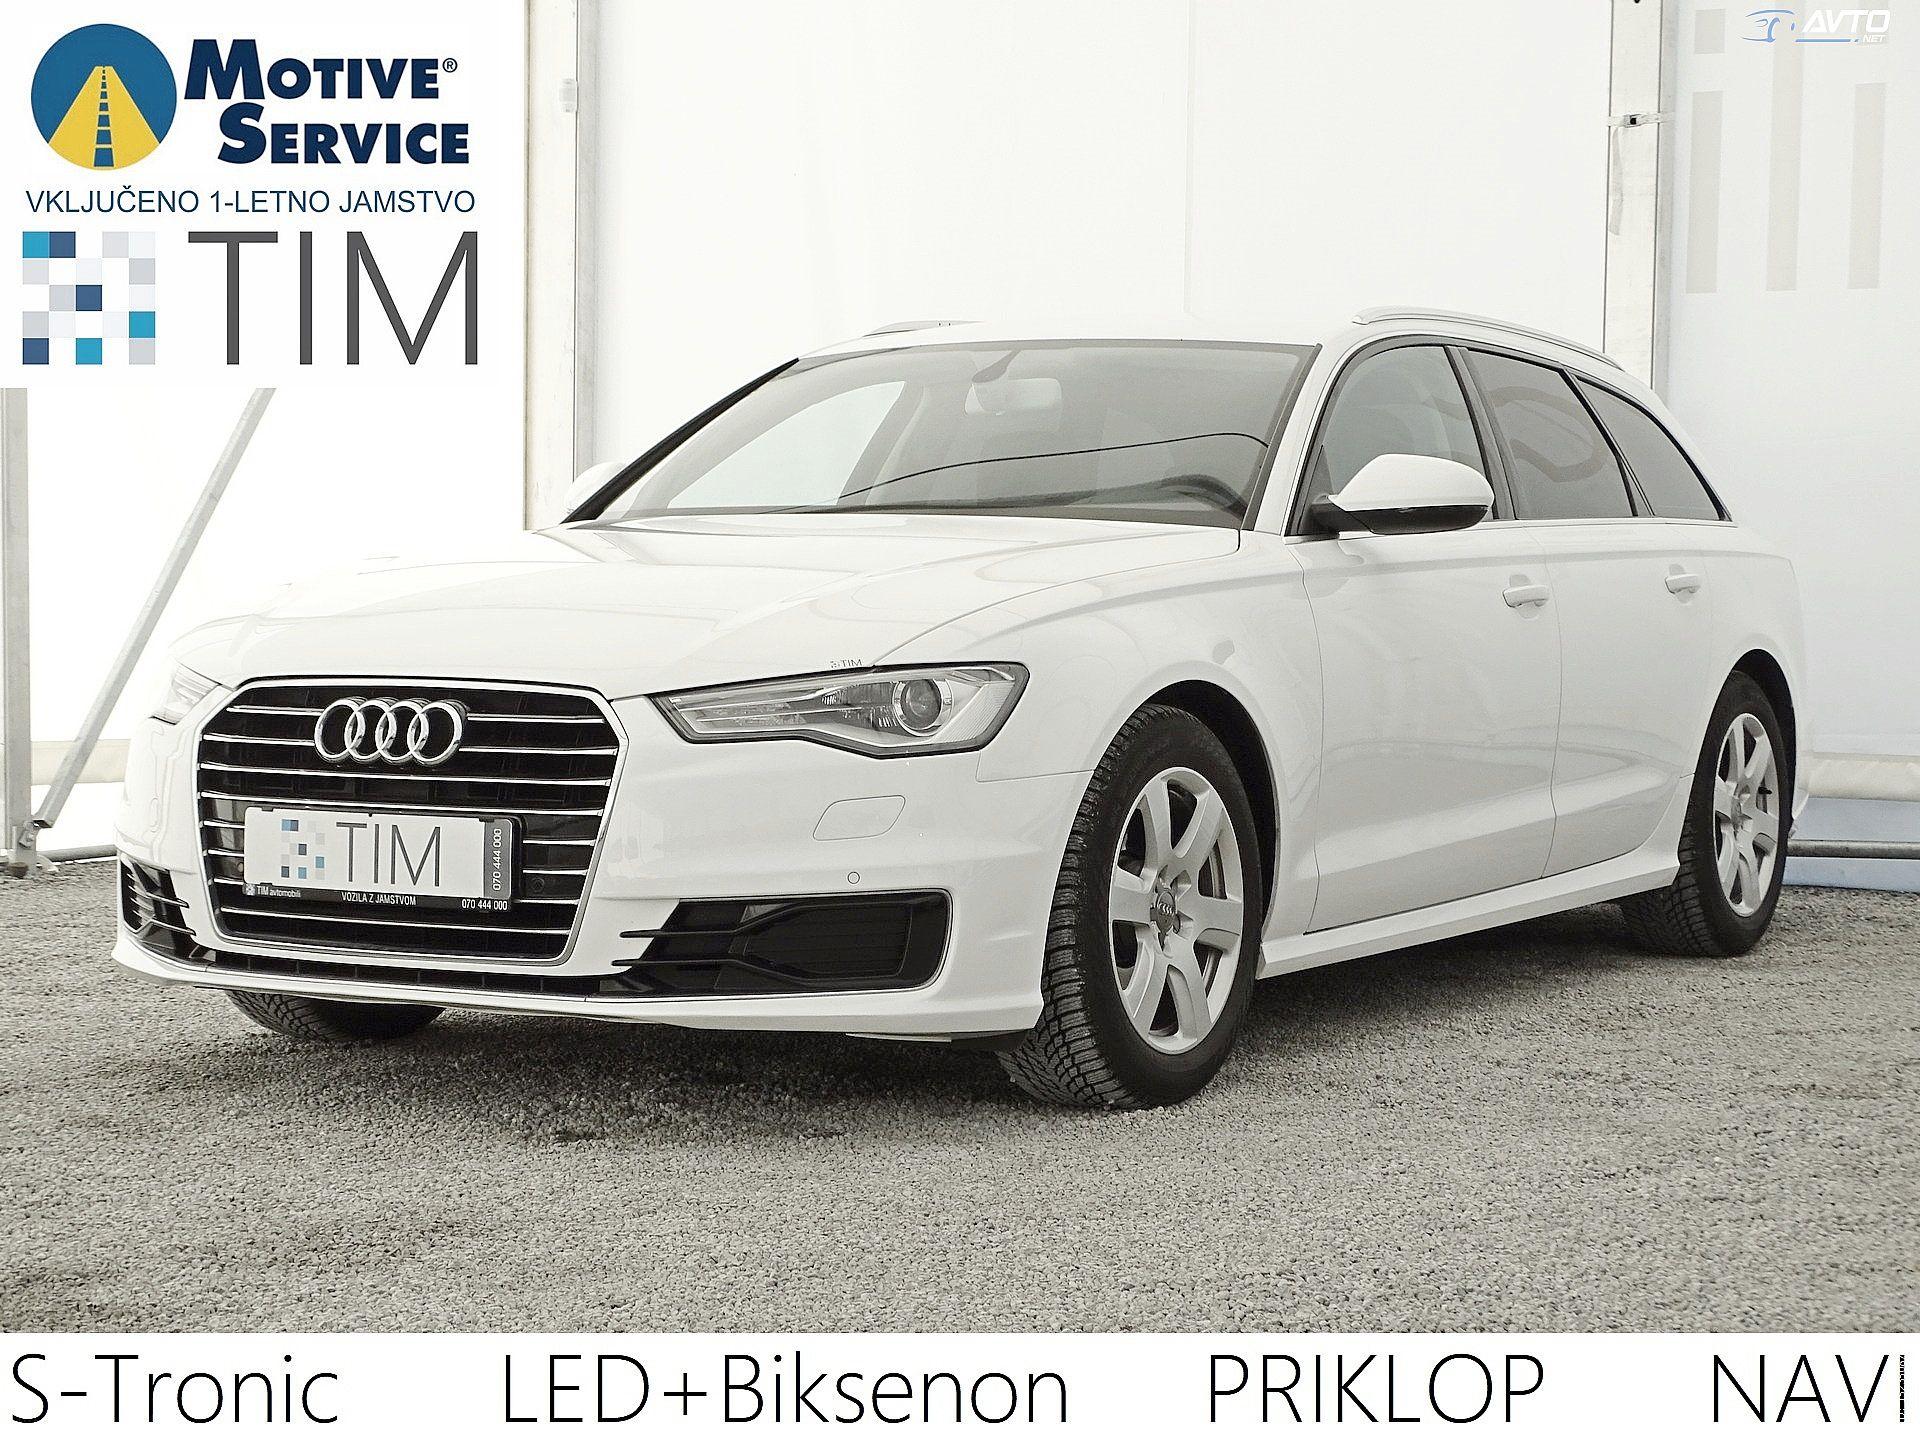 Audi A6 Avant 2.0 TDI Ultra S-Tronic